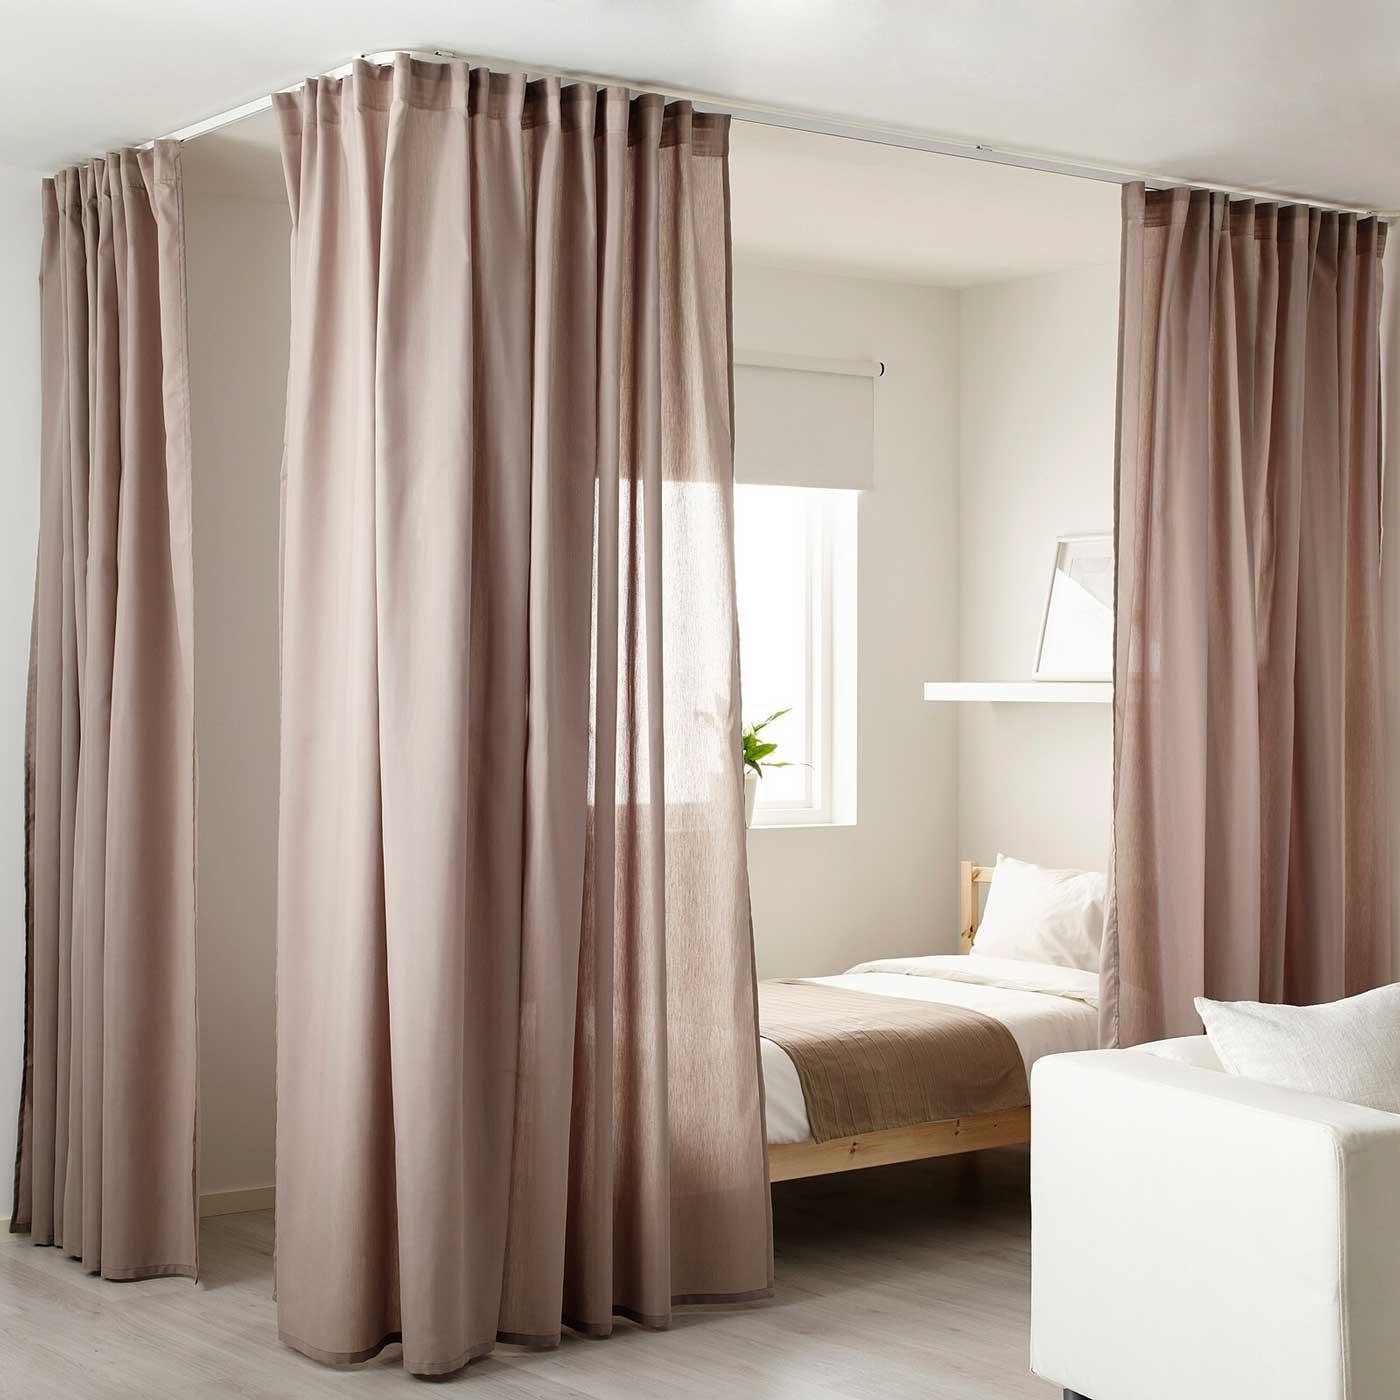 Un lit entouré de grands rideaux pour un espace cocooning de calme et de confort